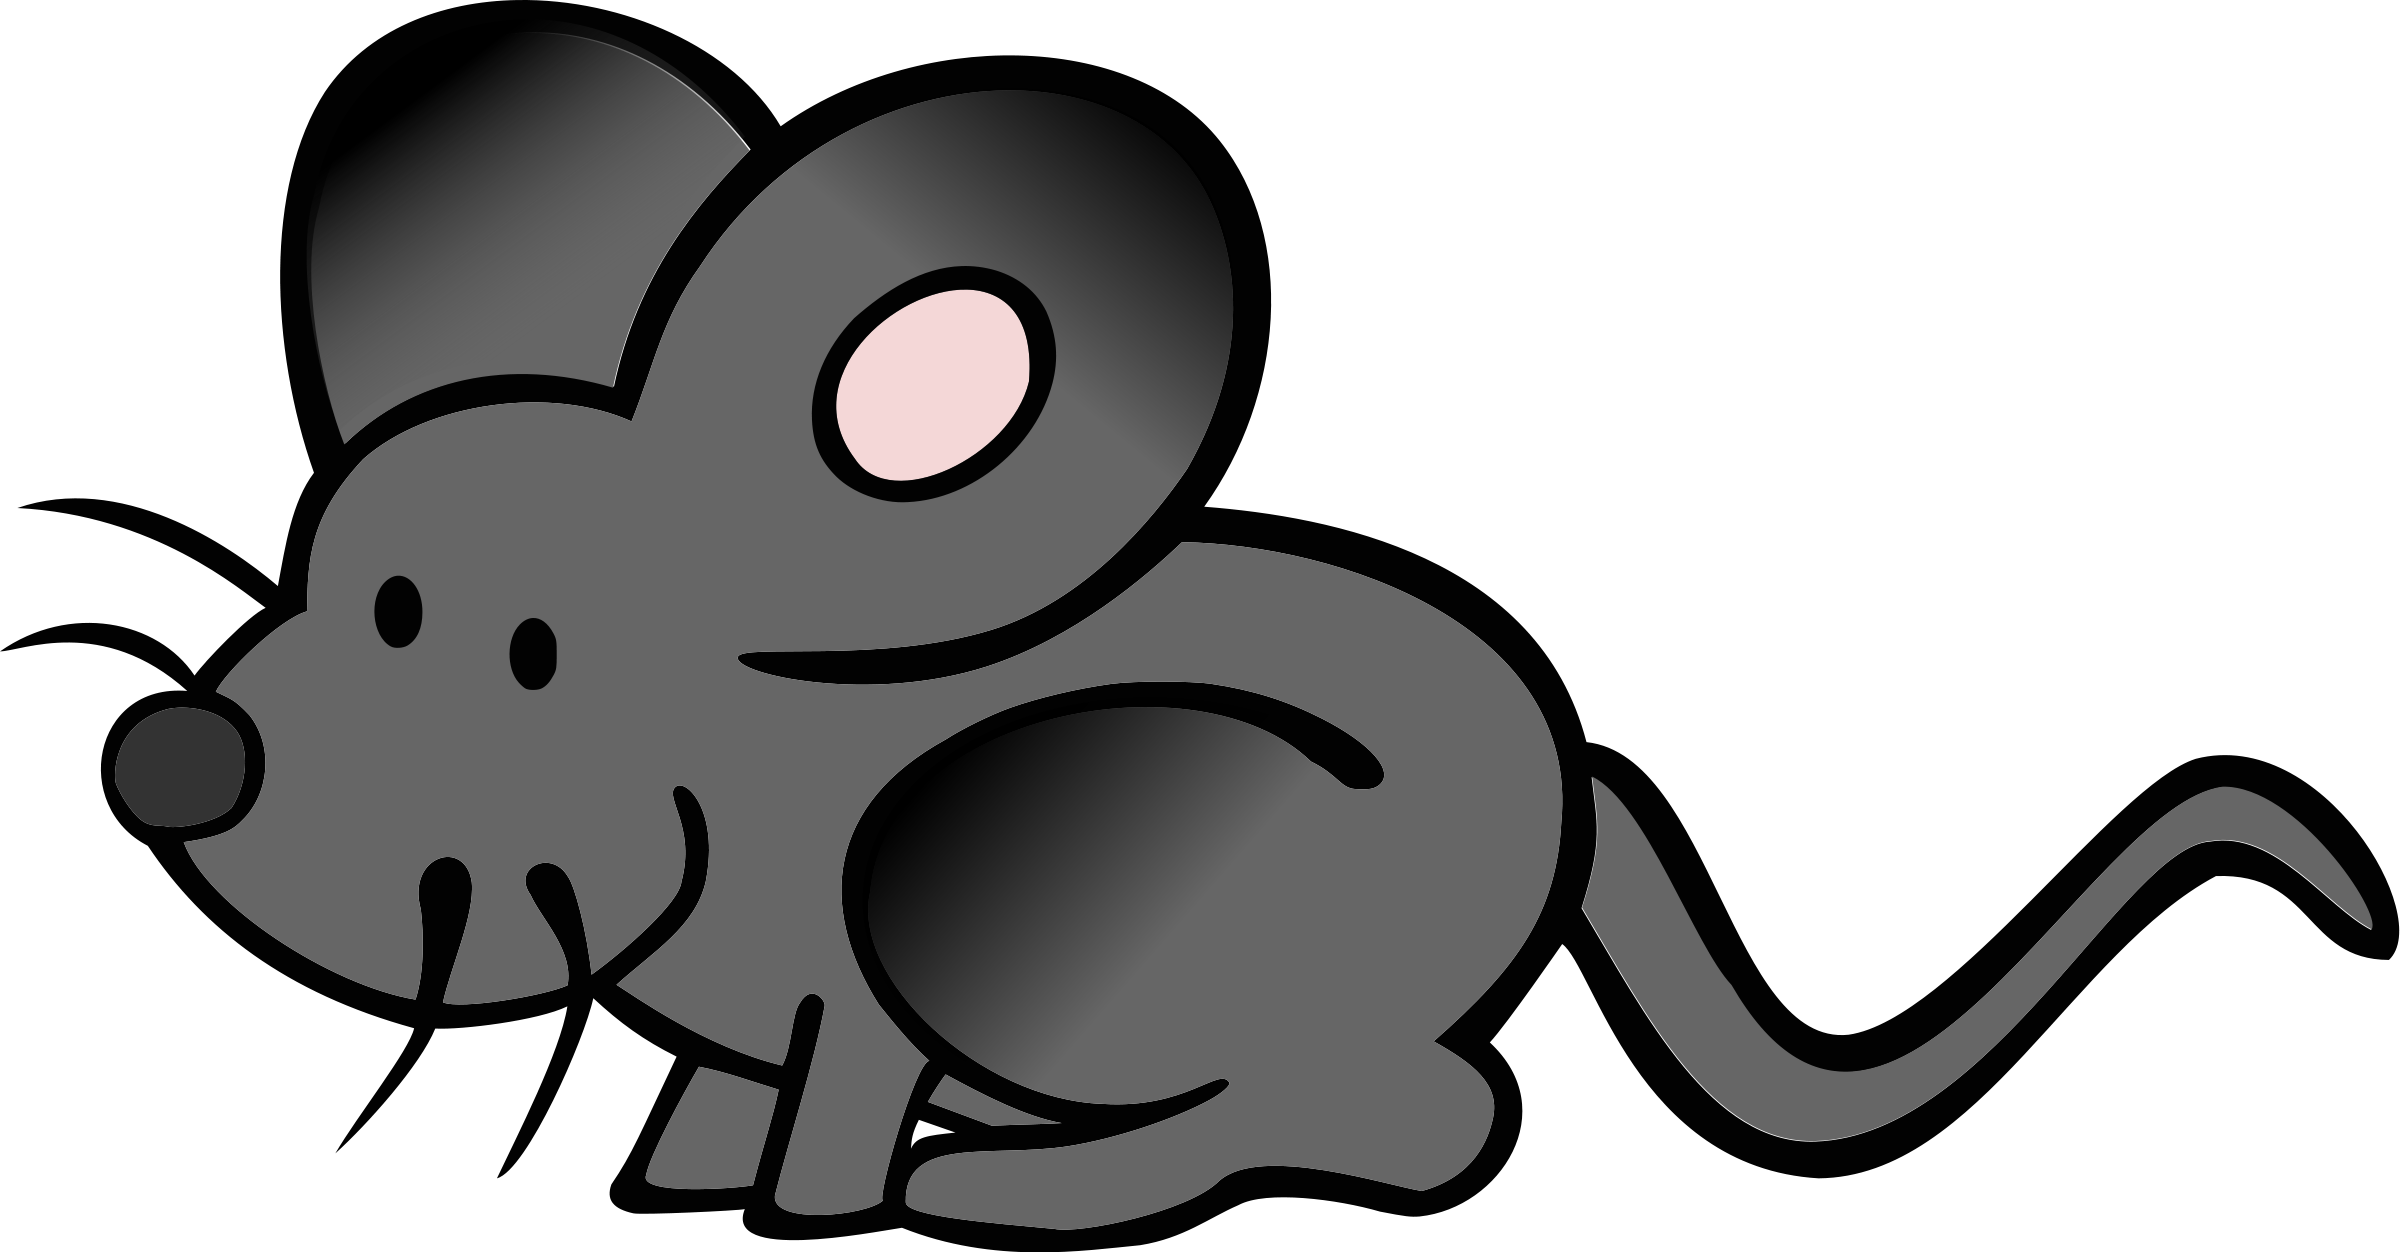 2400x1252 Mouse clipart cartoon